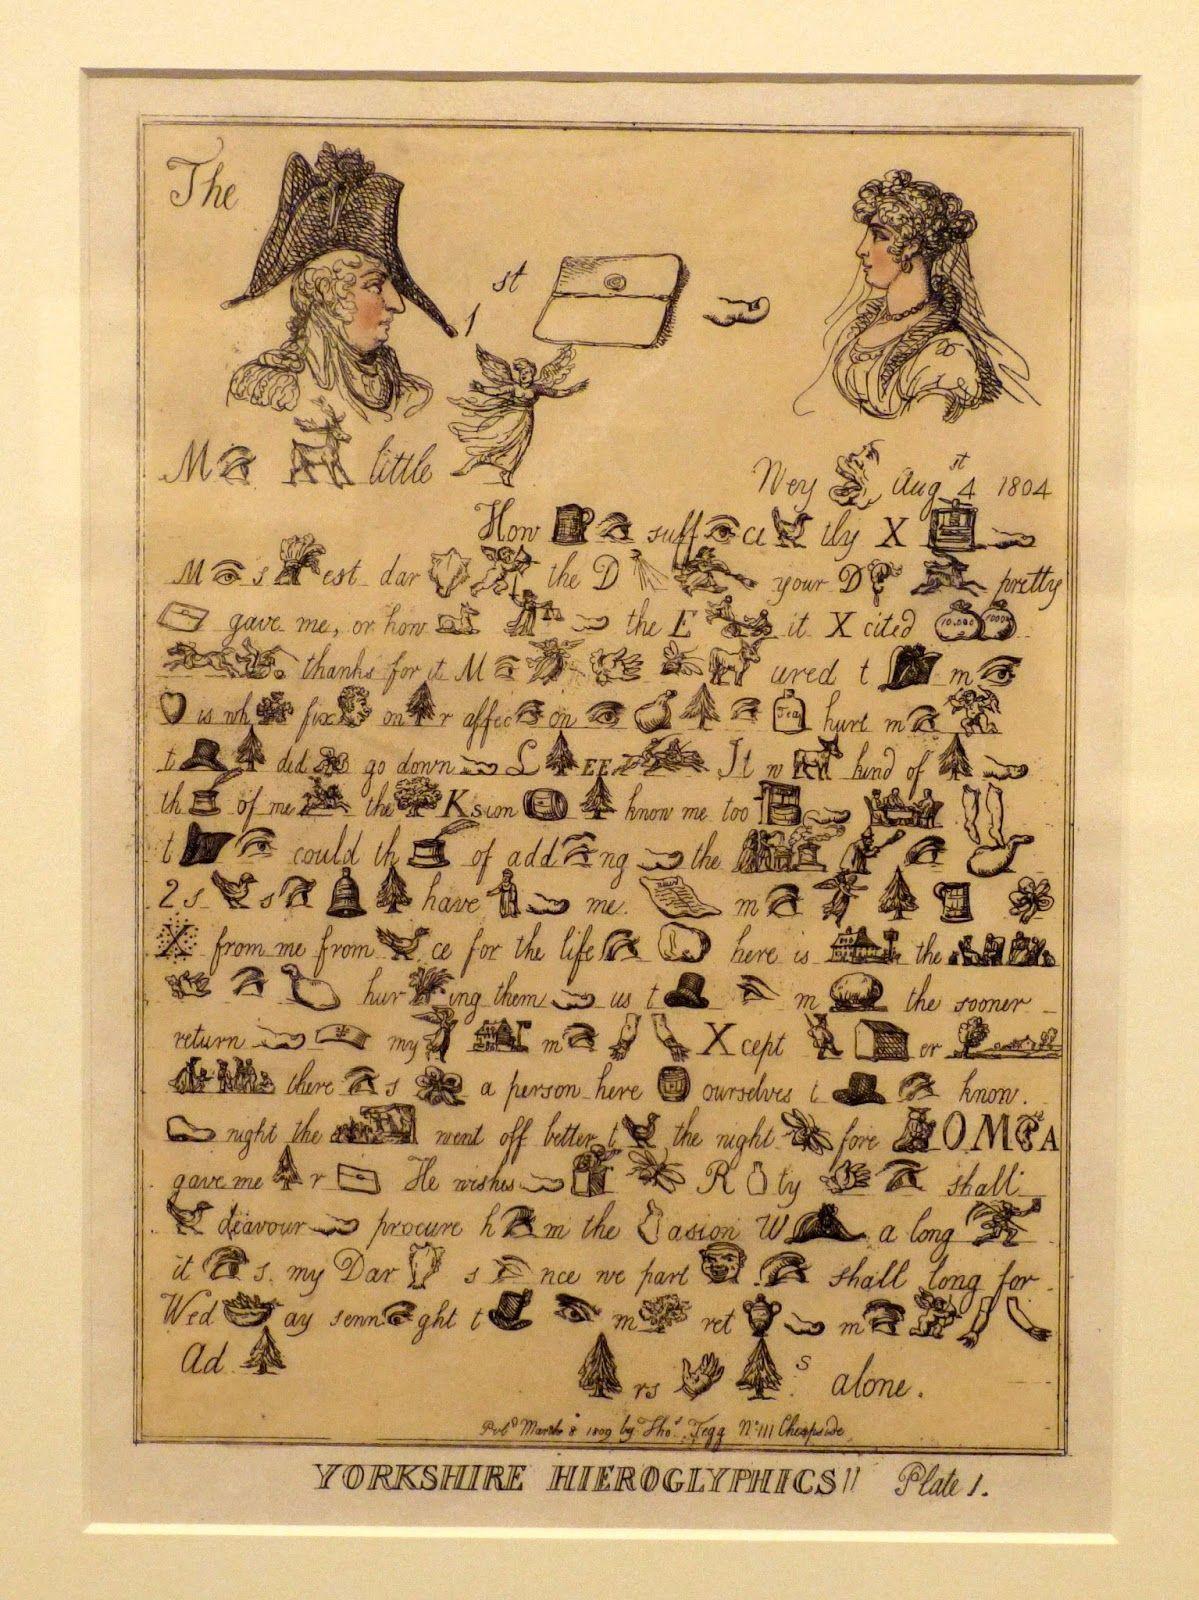 Duke of York s love letter 1199—1600